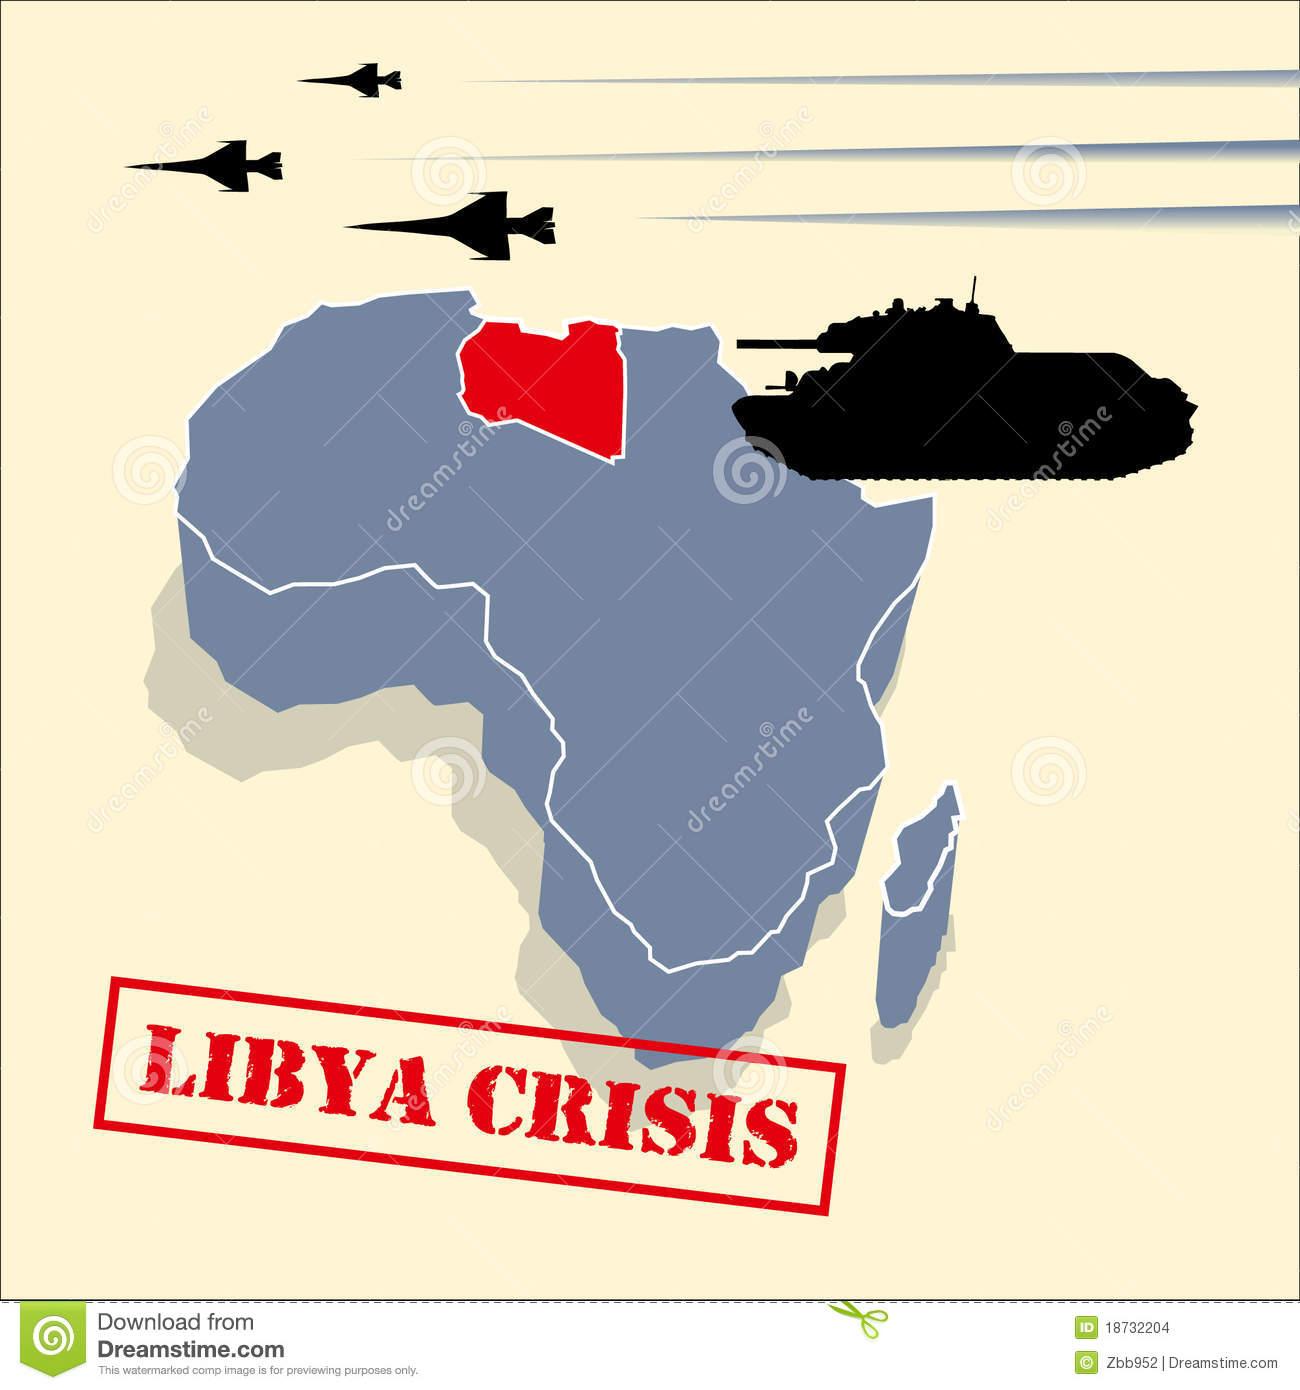 Граничащие с Ливией страны выразили протест против любого военного вмешательства в эту страну